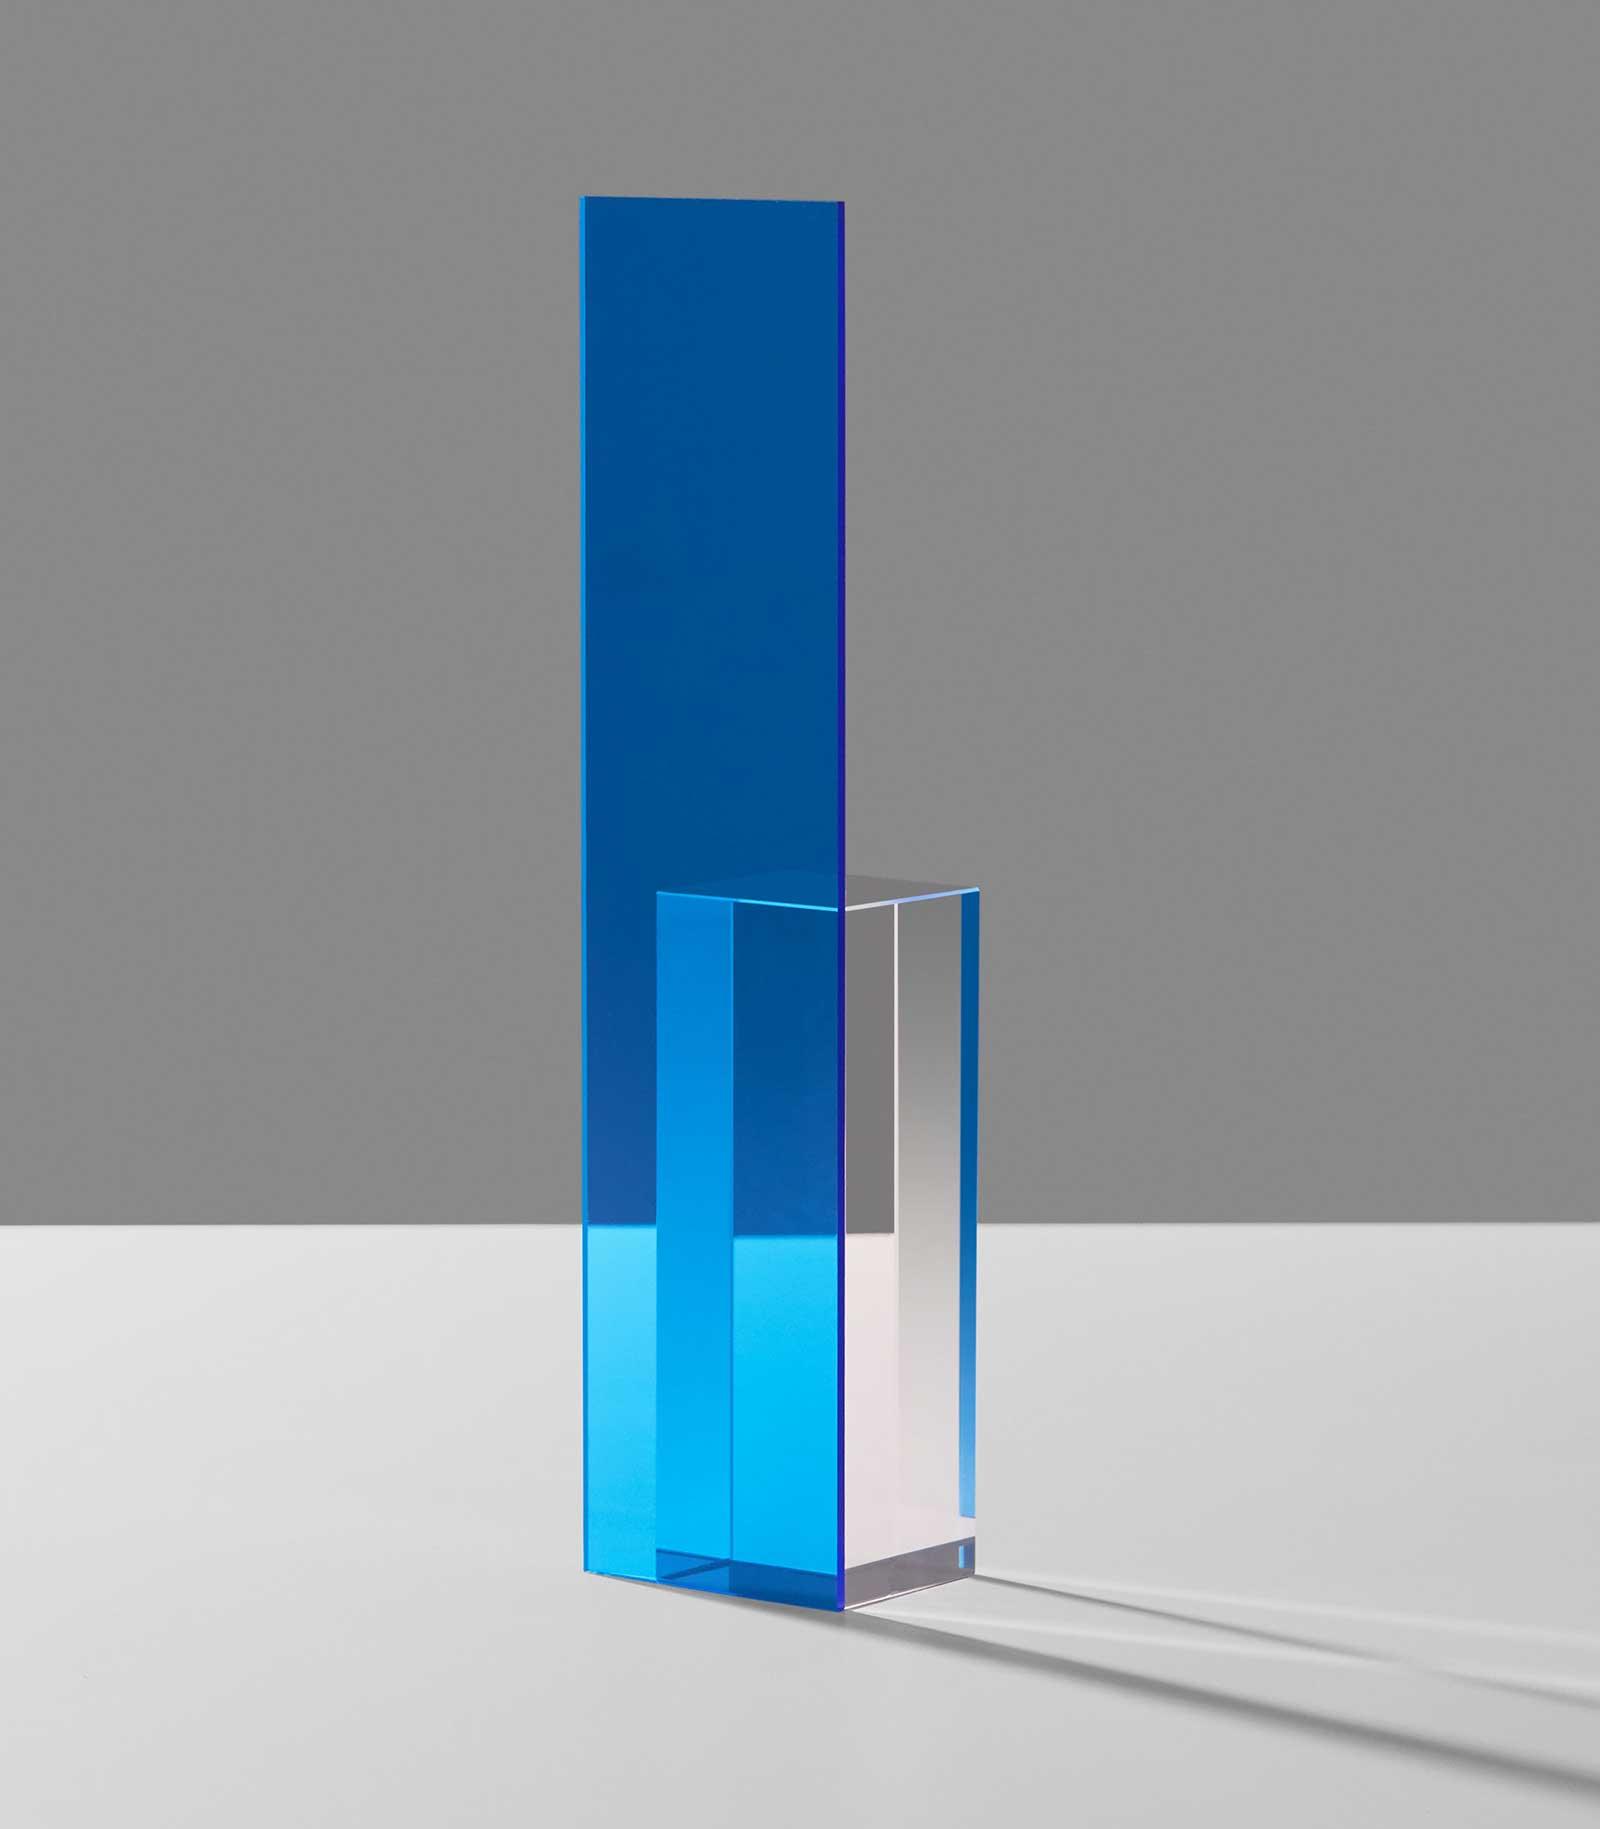 Blue Umbral